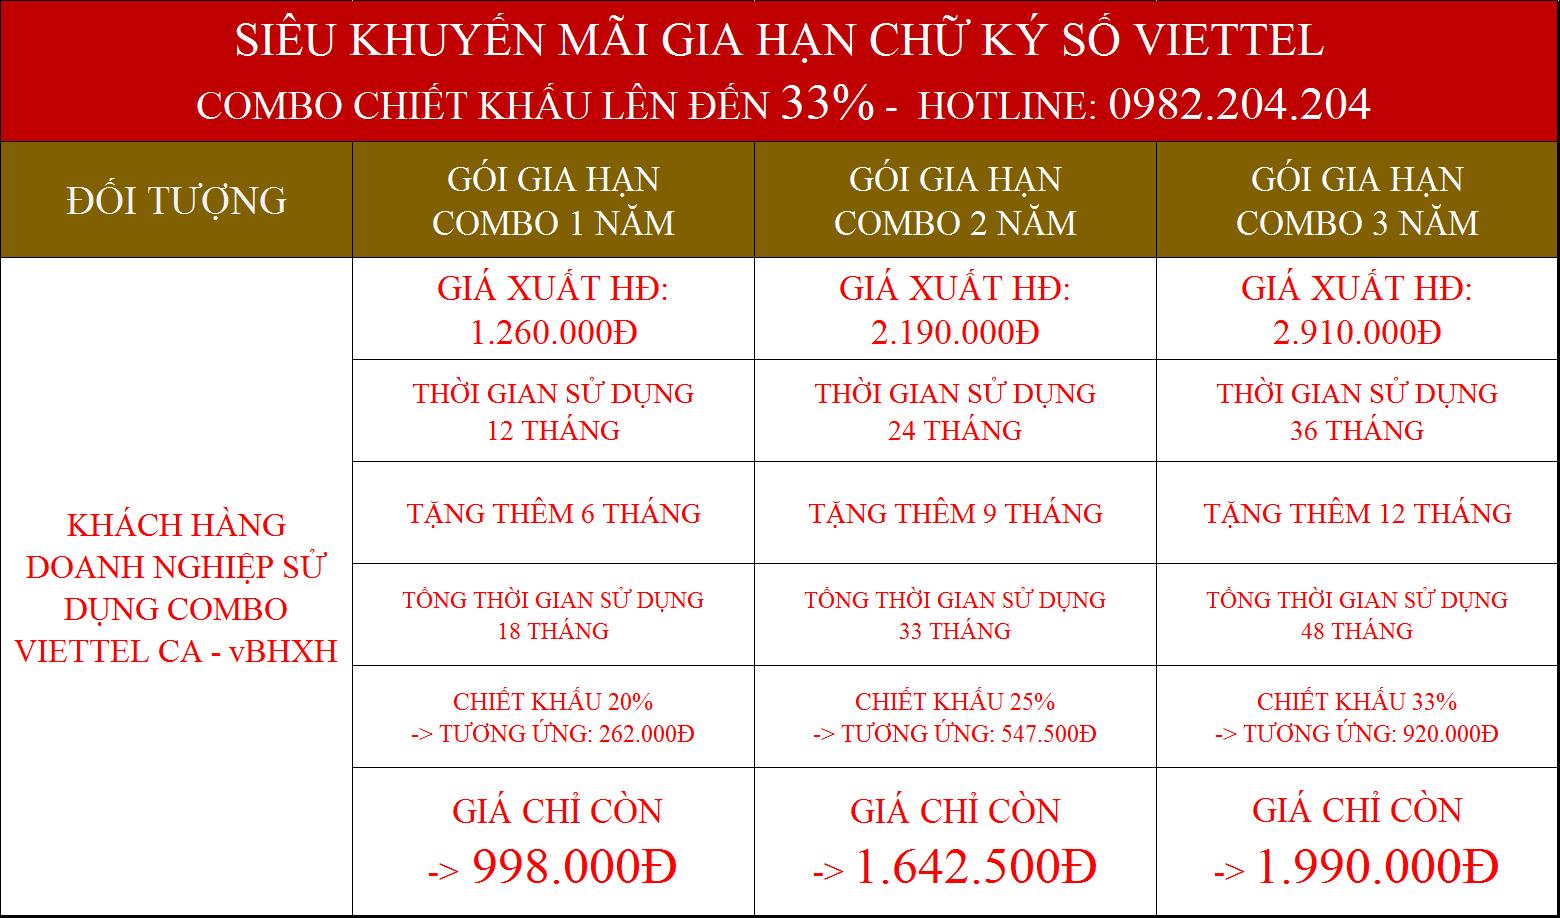 Gia Hạn chữ ký số Viettel Thái Nguyên combo kèm vBHXH